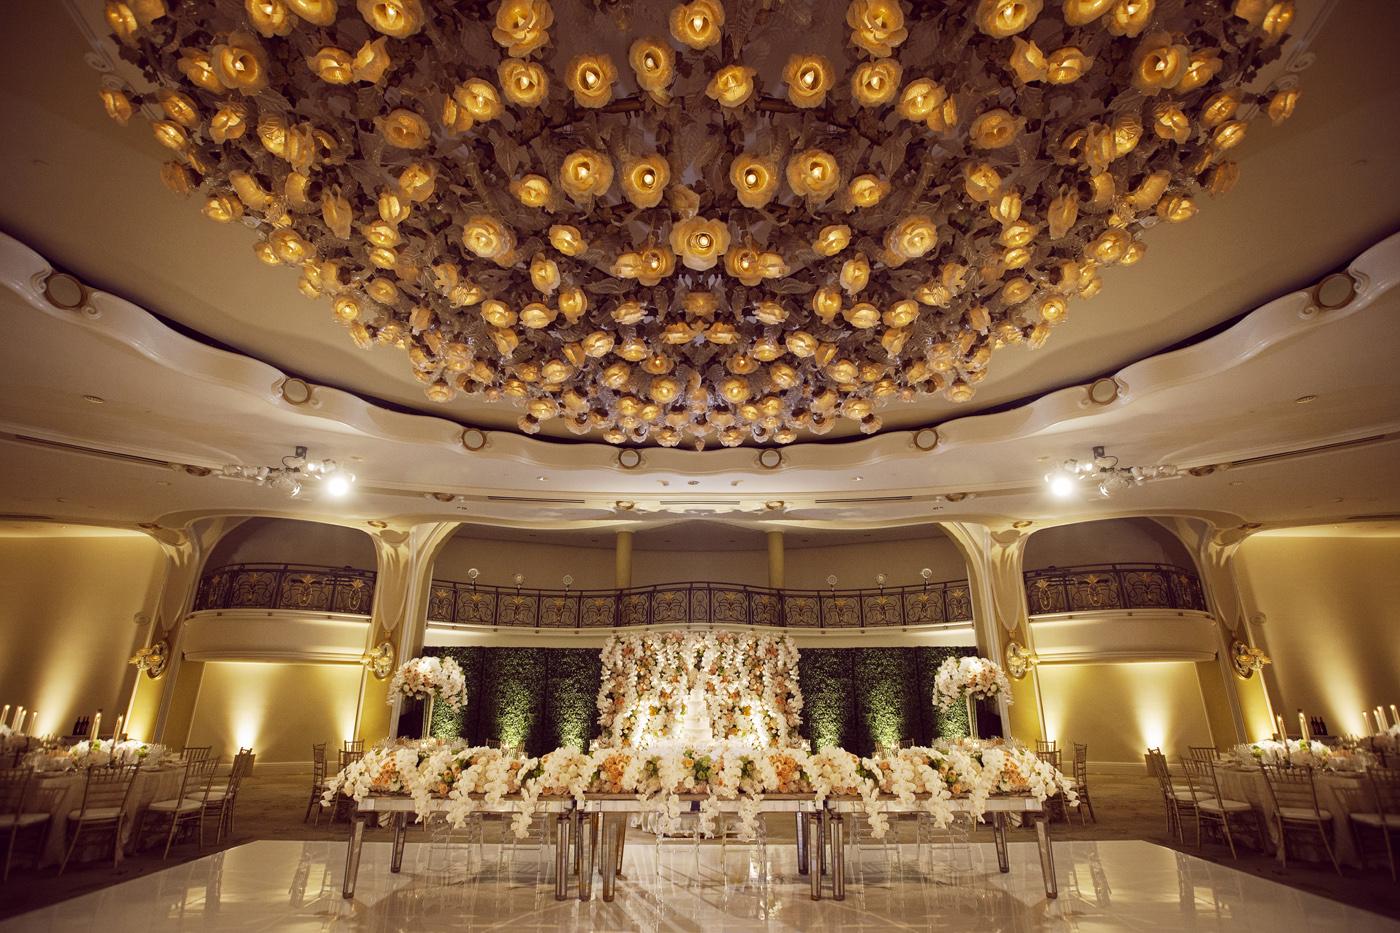 038_DukePhotography_DukeImages_Wedding_Details.jpg